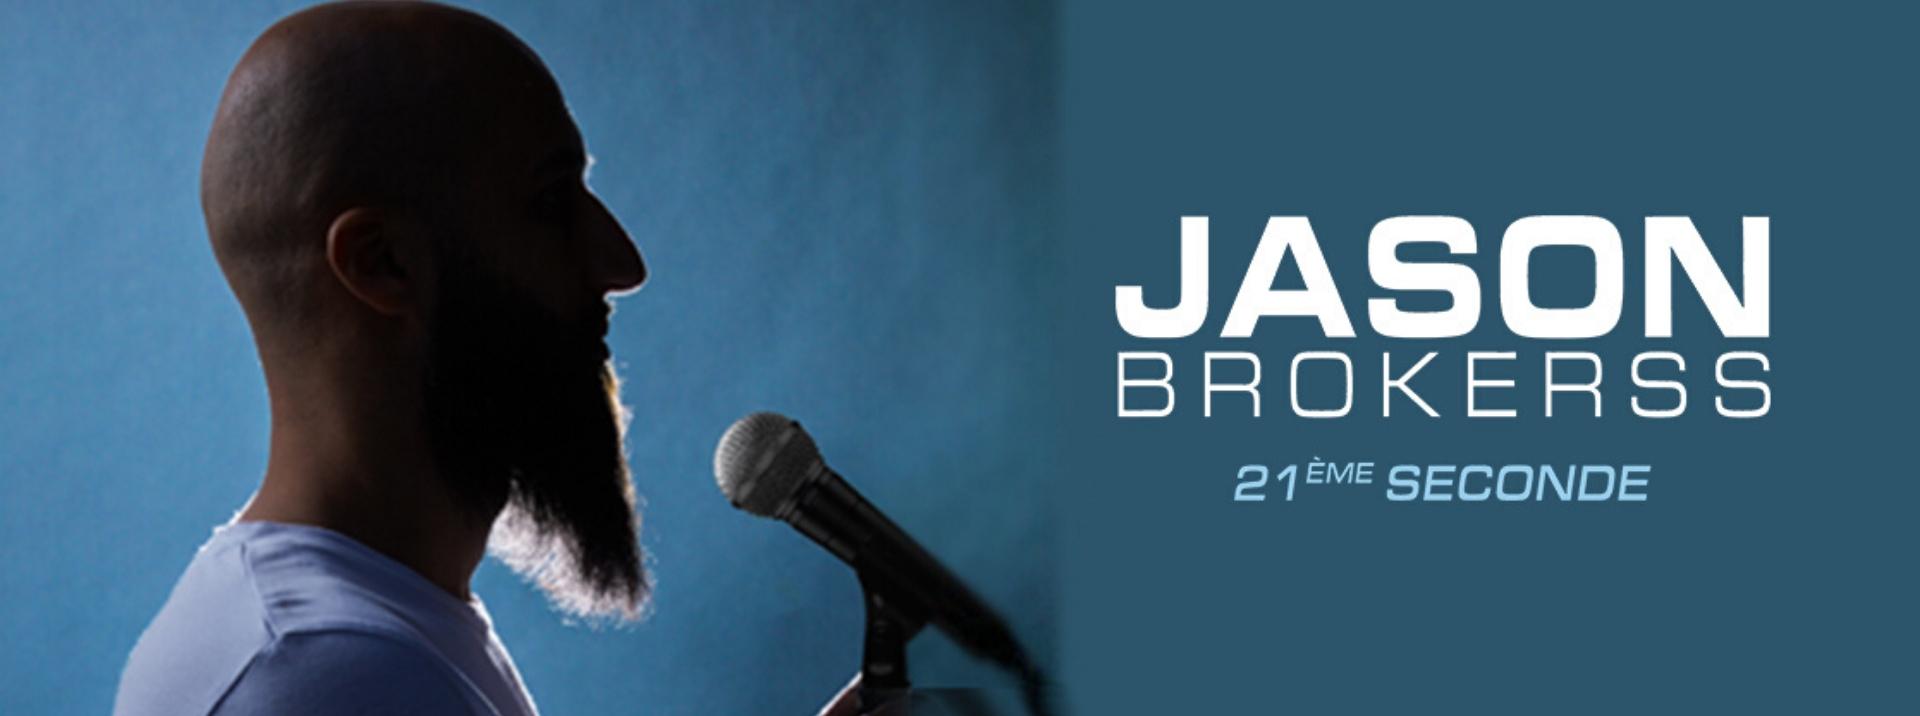 le stand uper Jason Brokers à la compagnie du café théâtre